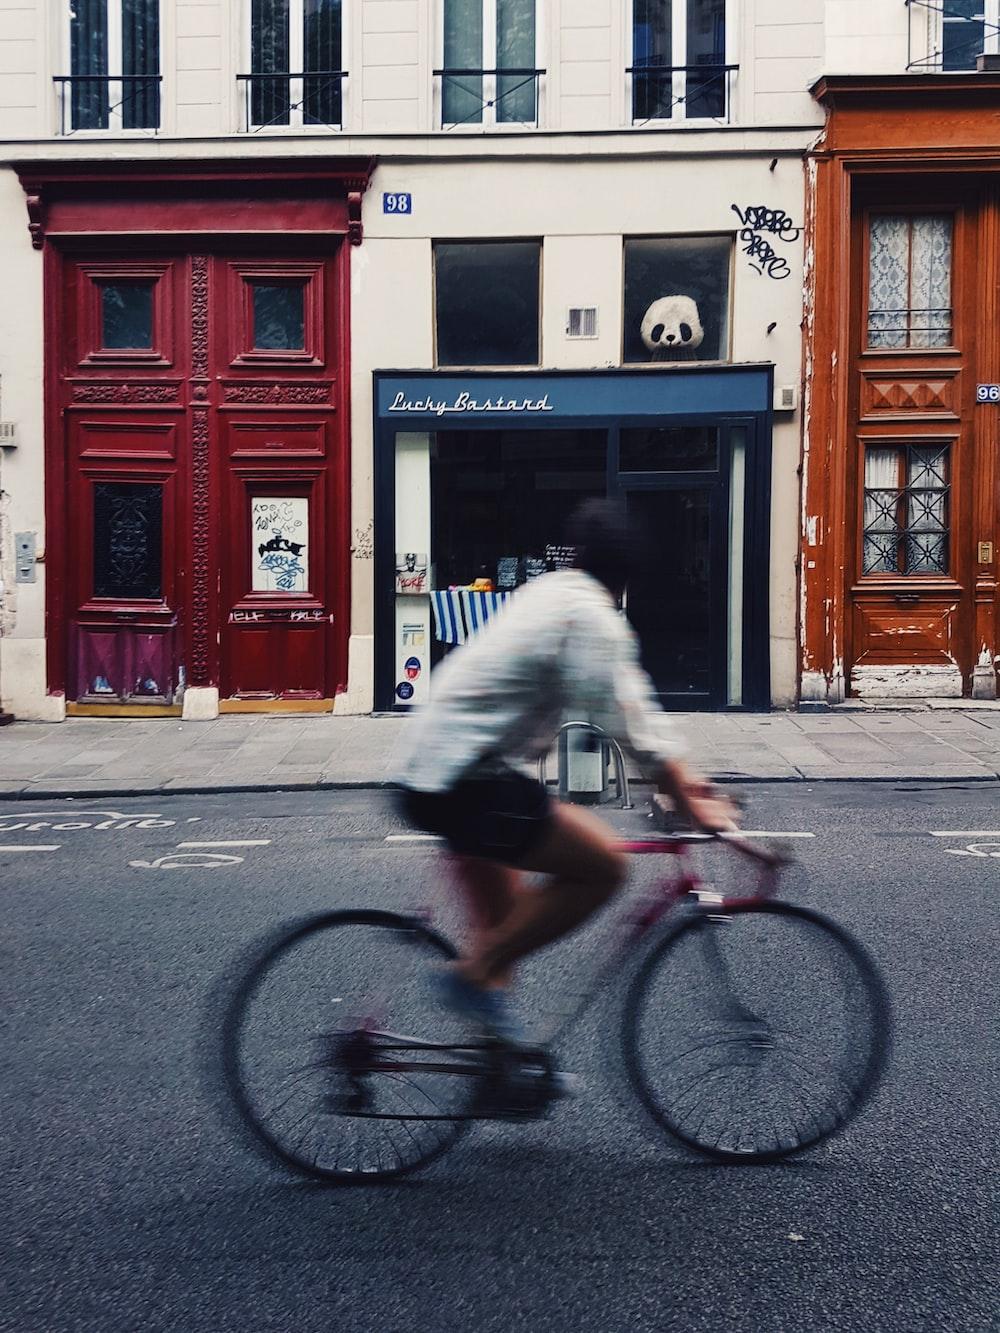 man riding on pink bicycle